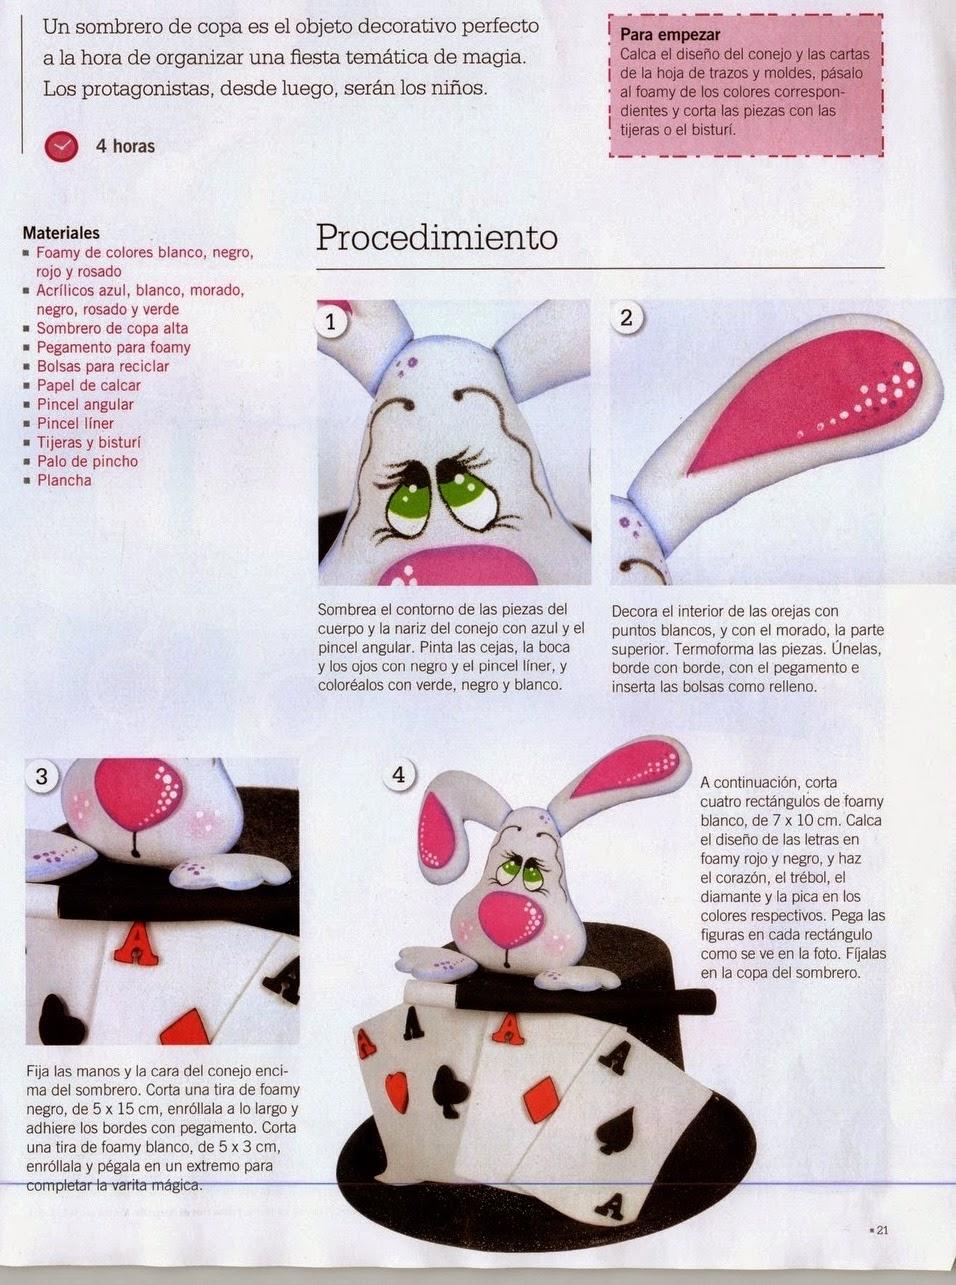 Como hacer un pastel en foamy - Revistas de manualidades Gratis